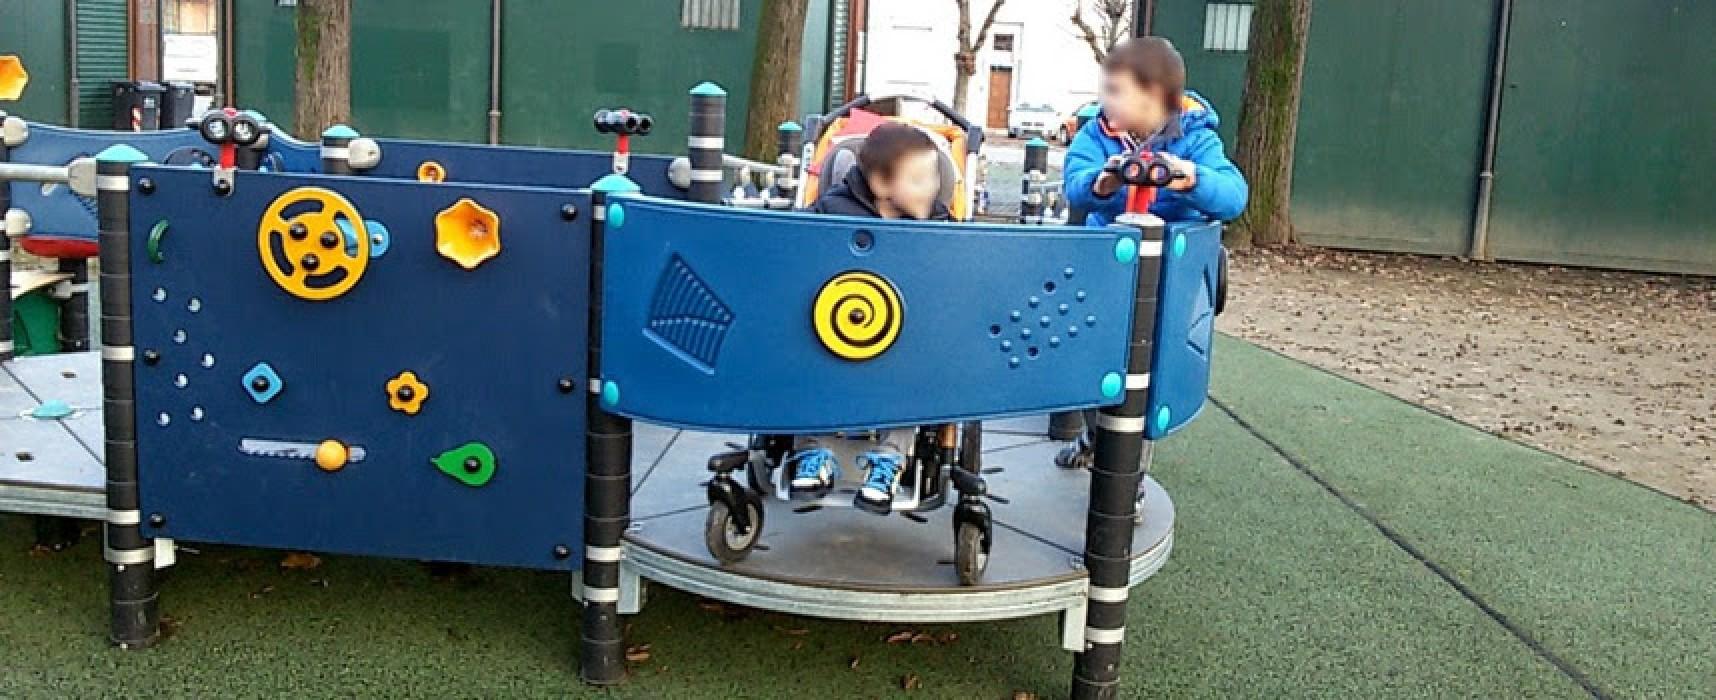 Meetup Bisceglie 5 Stelle chiede adeguamento parchi giochi per bambini disabili